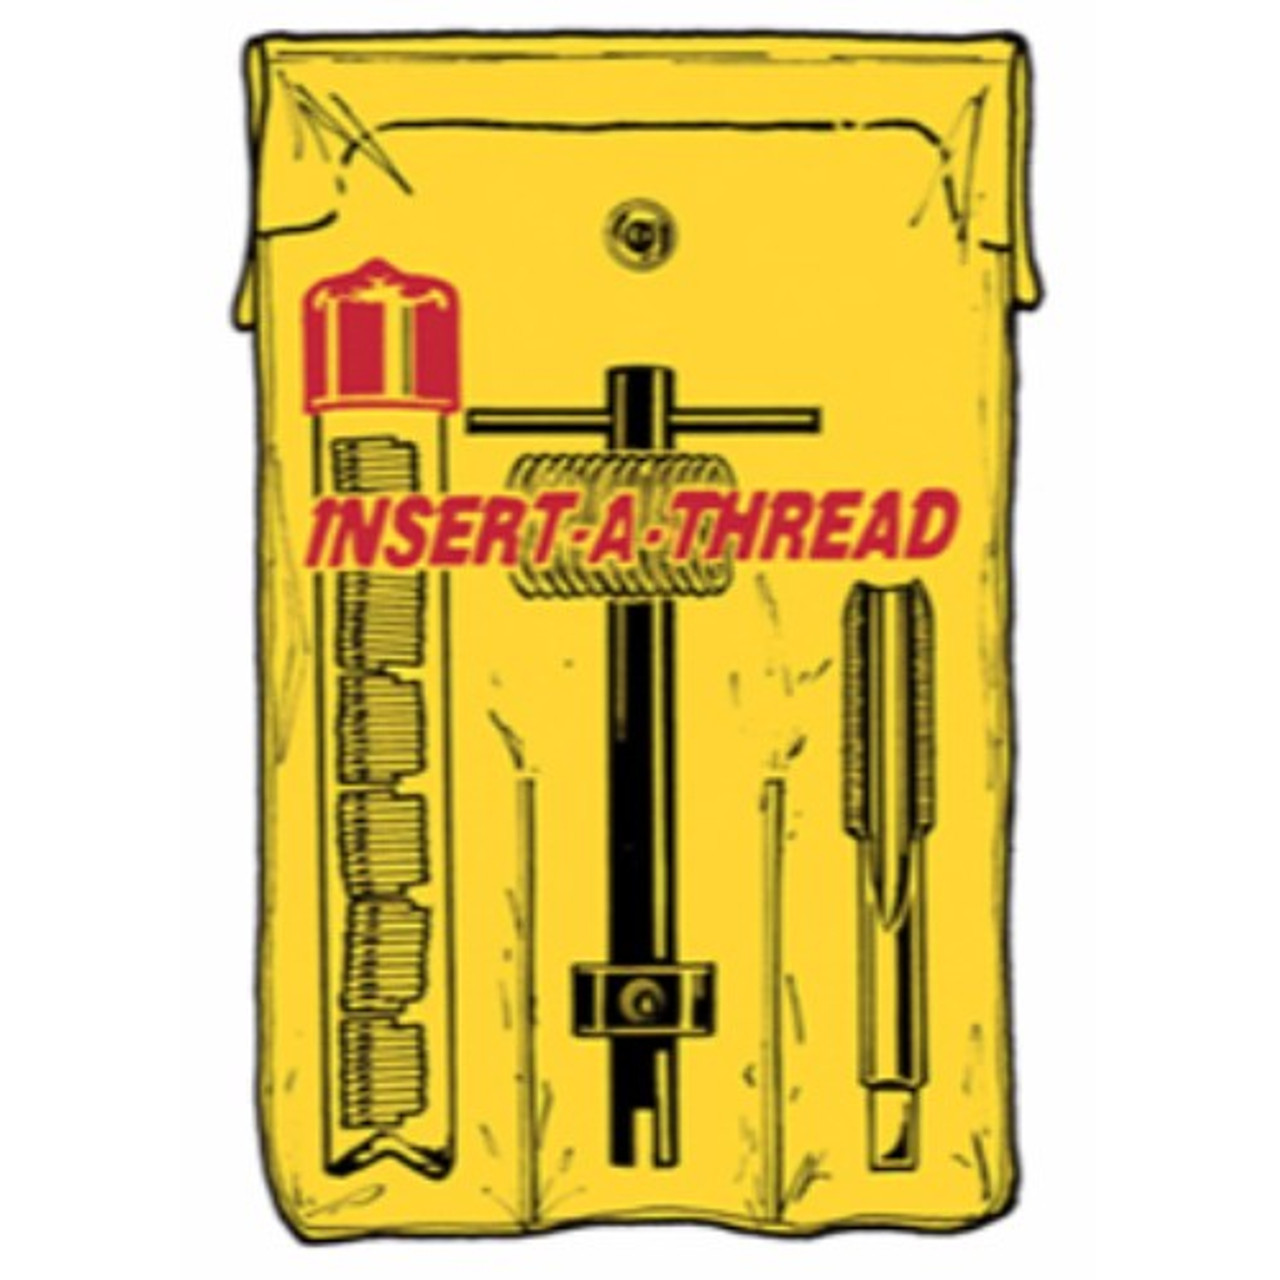 Alfa Tools ST66547 3//4-16 HSS Screw Thread Insert Taps